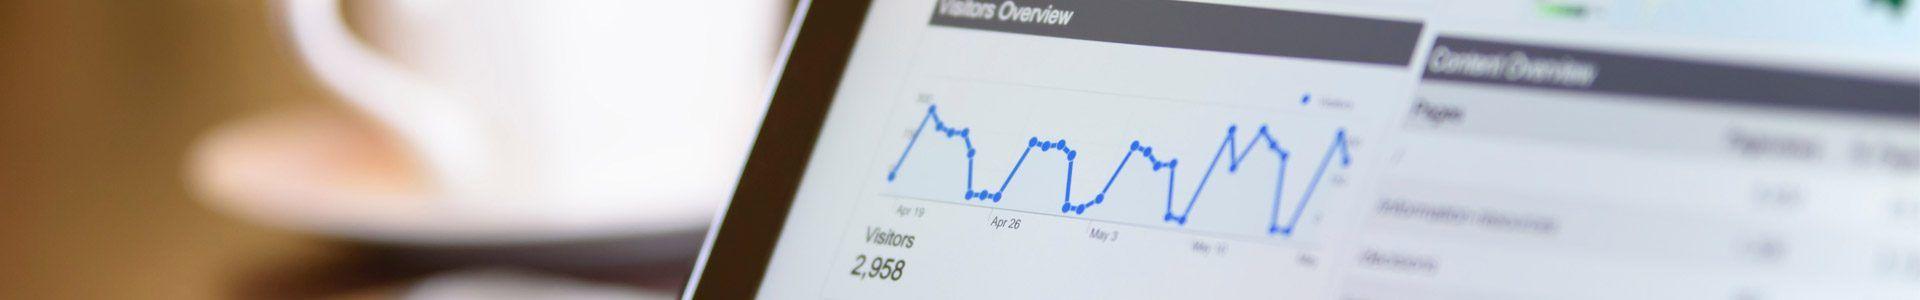 Sitemap - Online Marketing